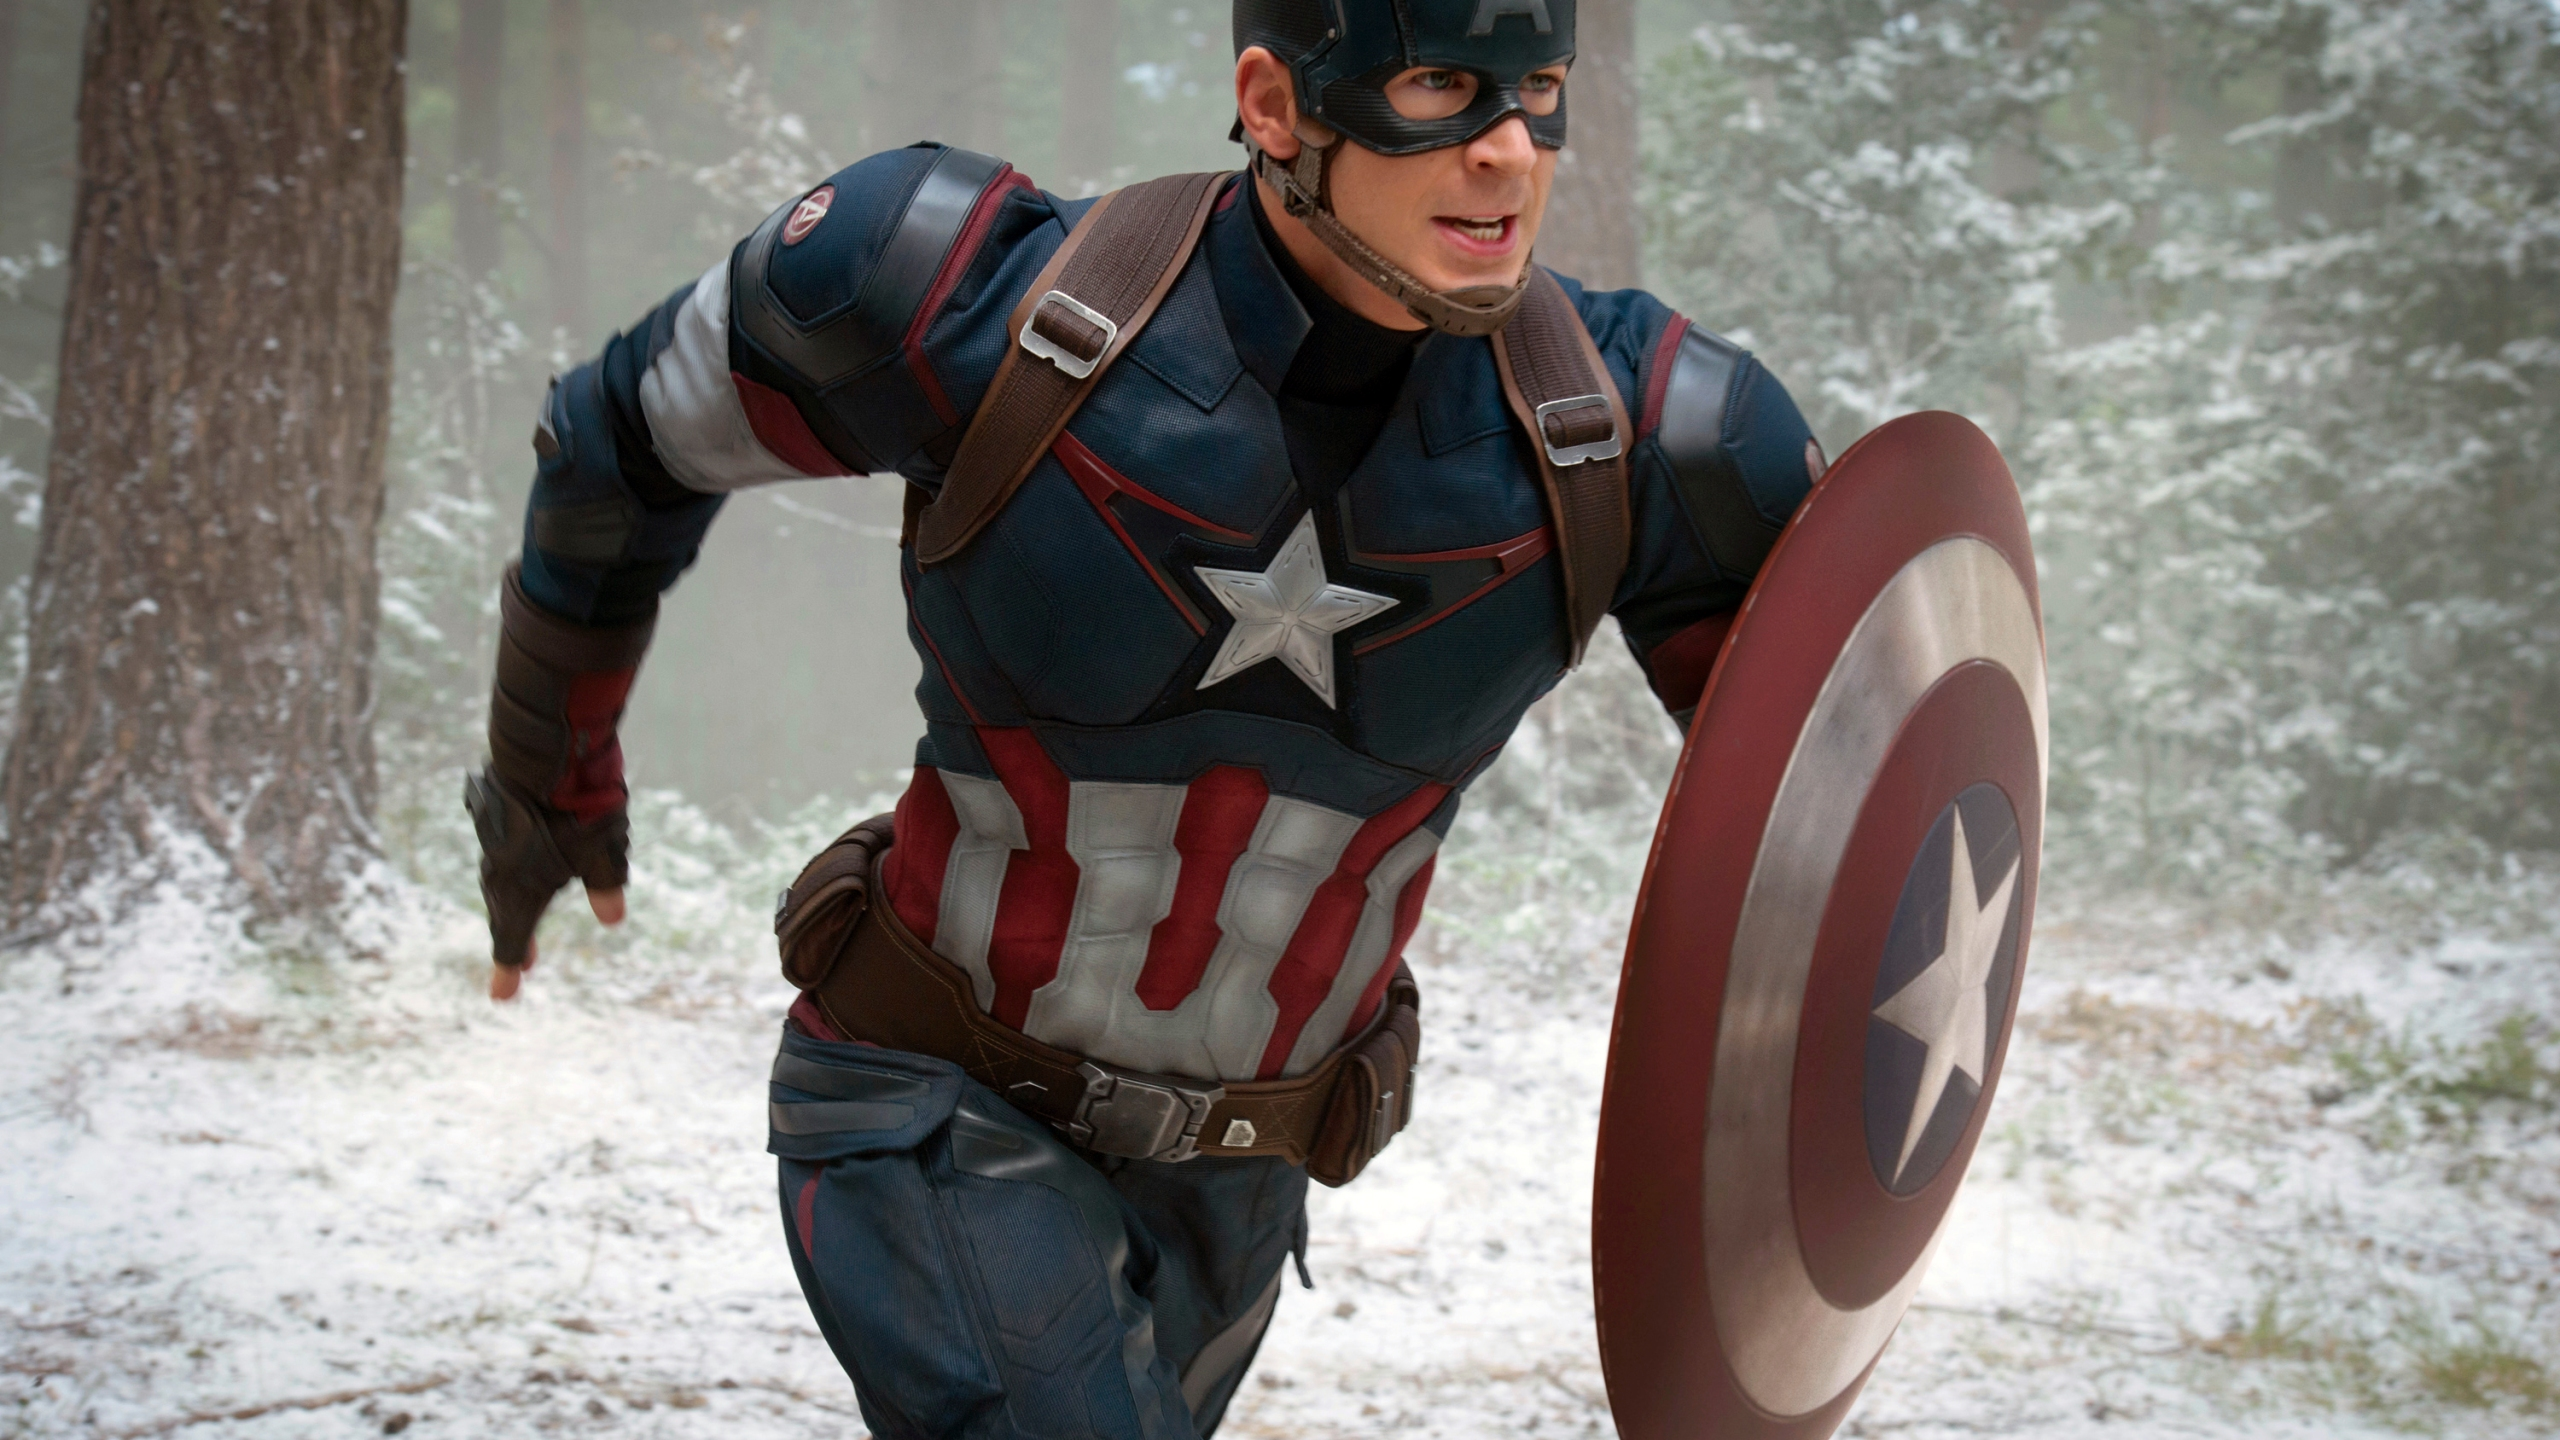 Film-Avengers_35888-159532.jpg29946744